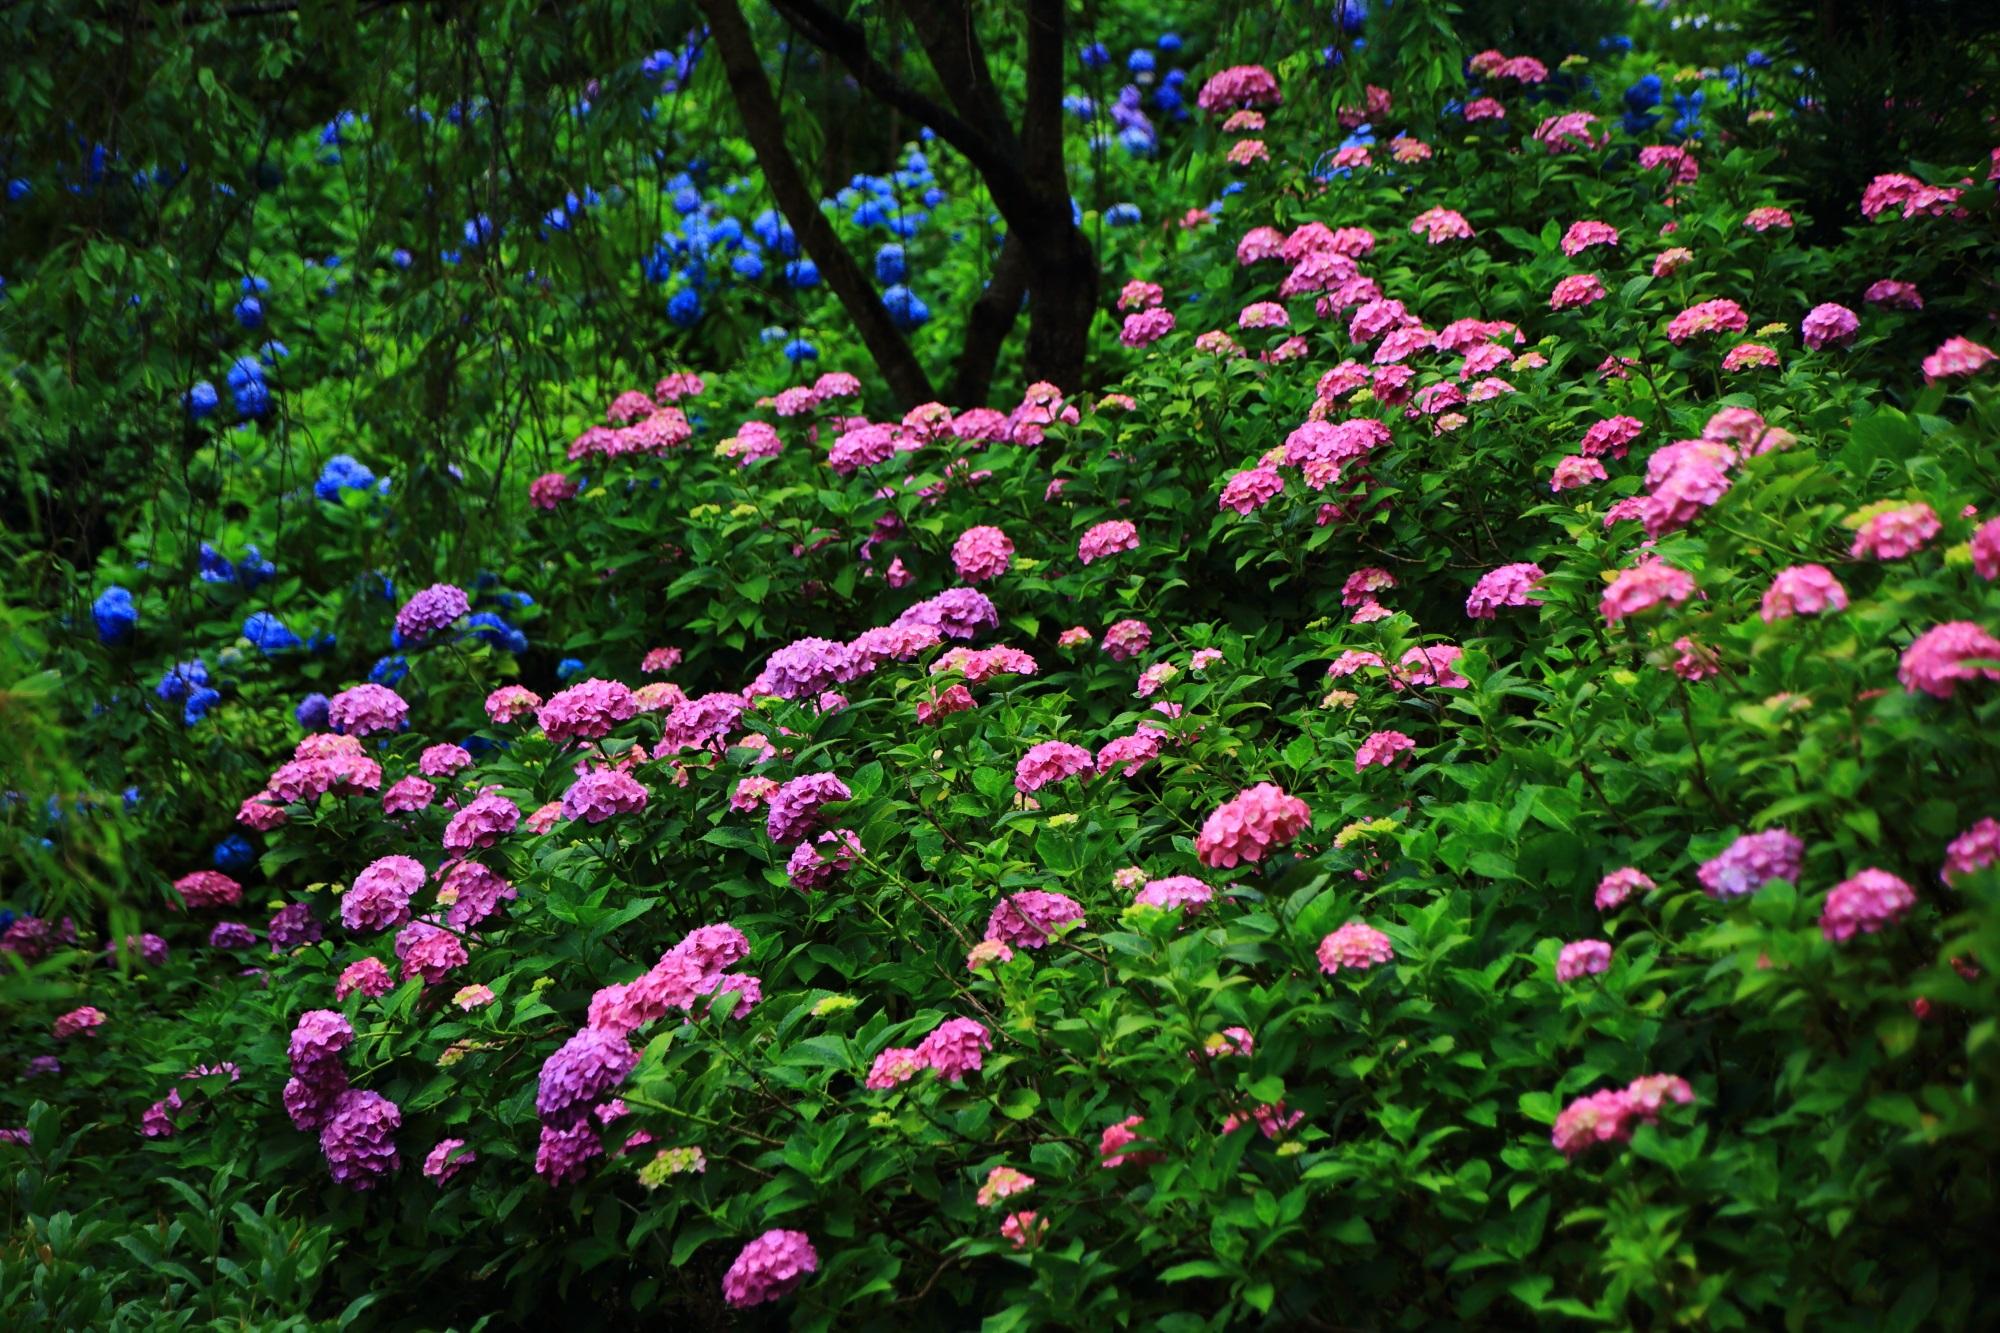 雨で煌く鮮やかなピンクの紫陽花